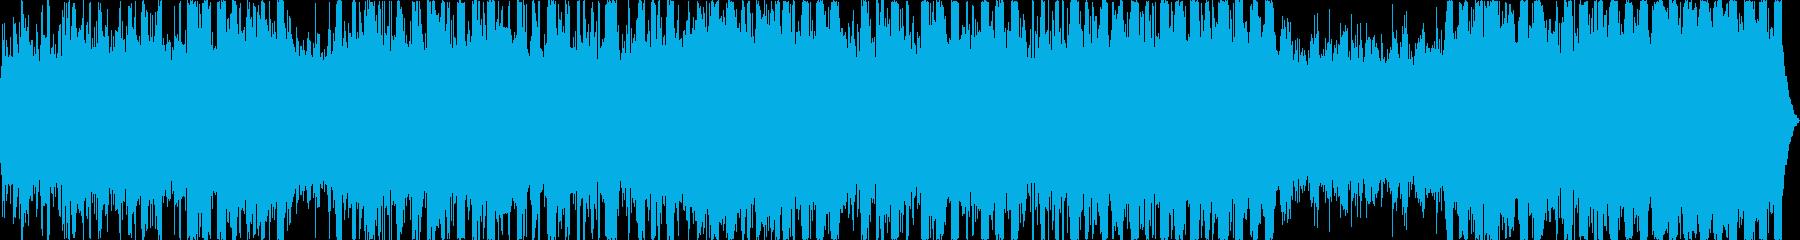 シーケンス 電子01の再生済みの波形